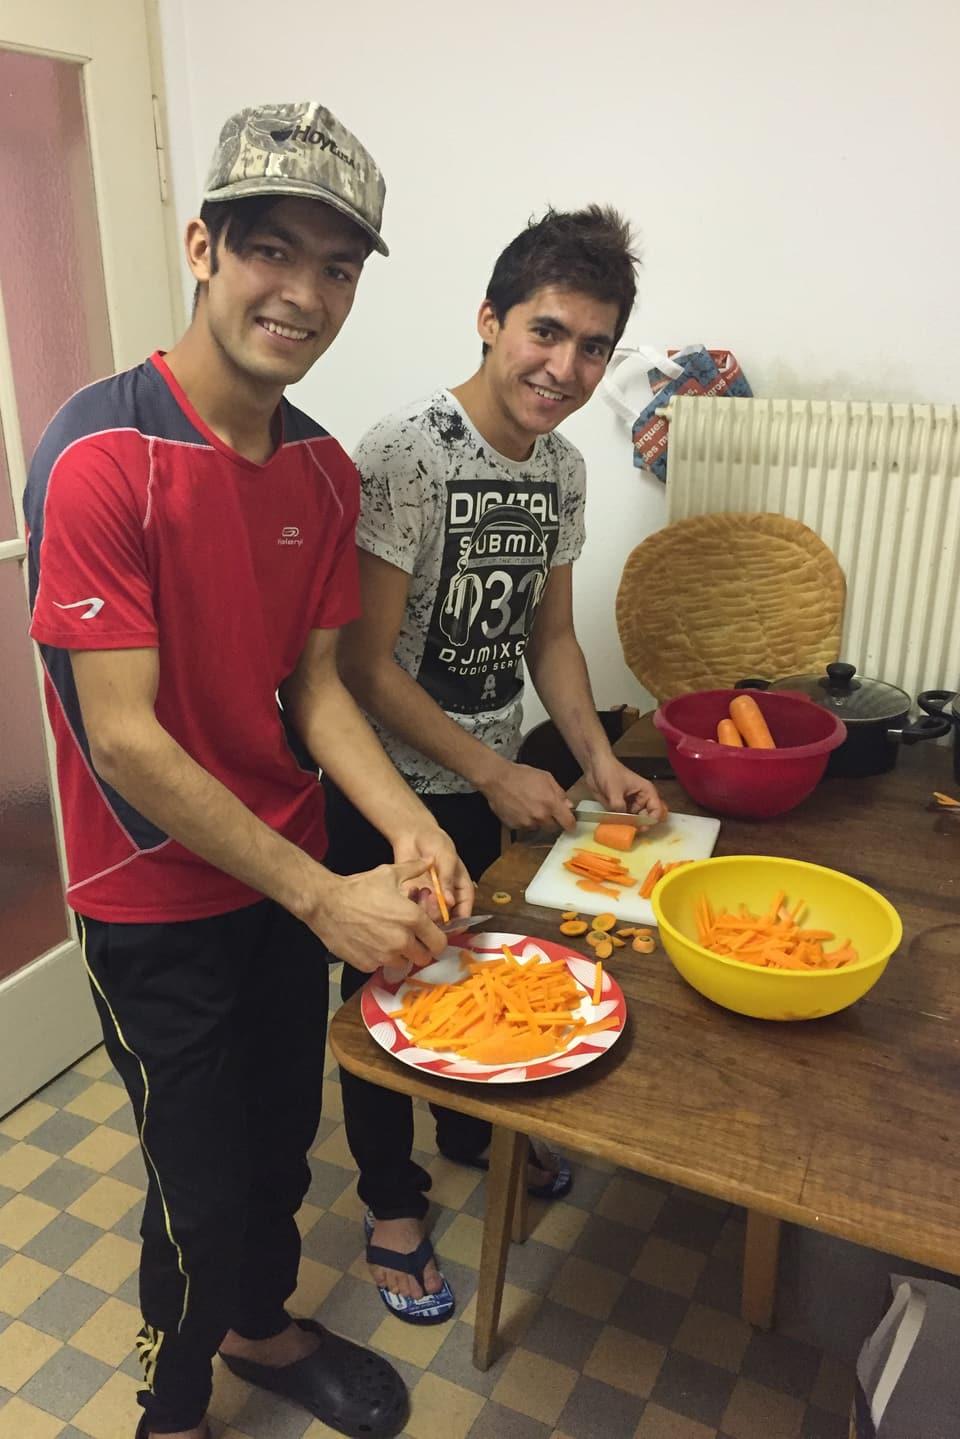 Jawad mit seinem Freund Jawid.